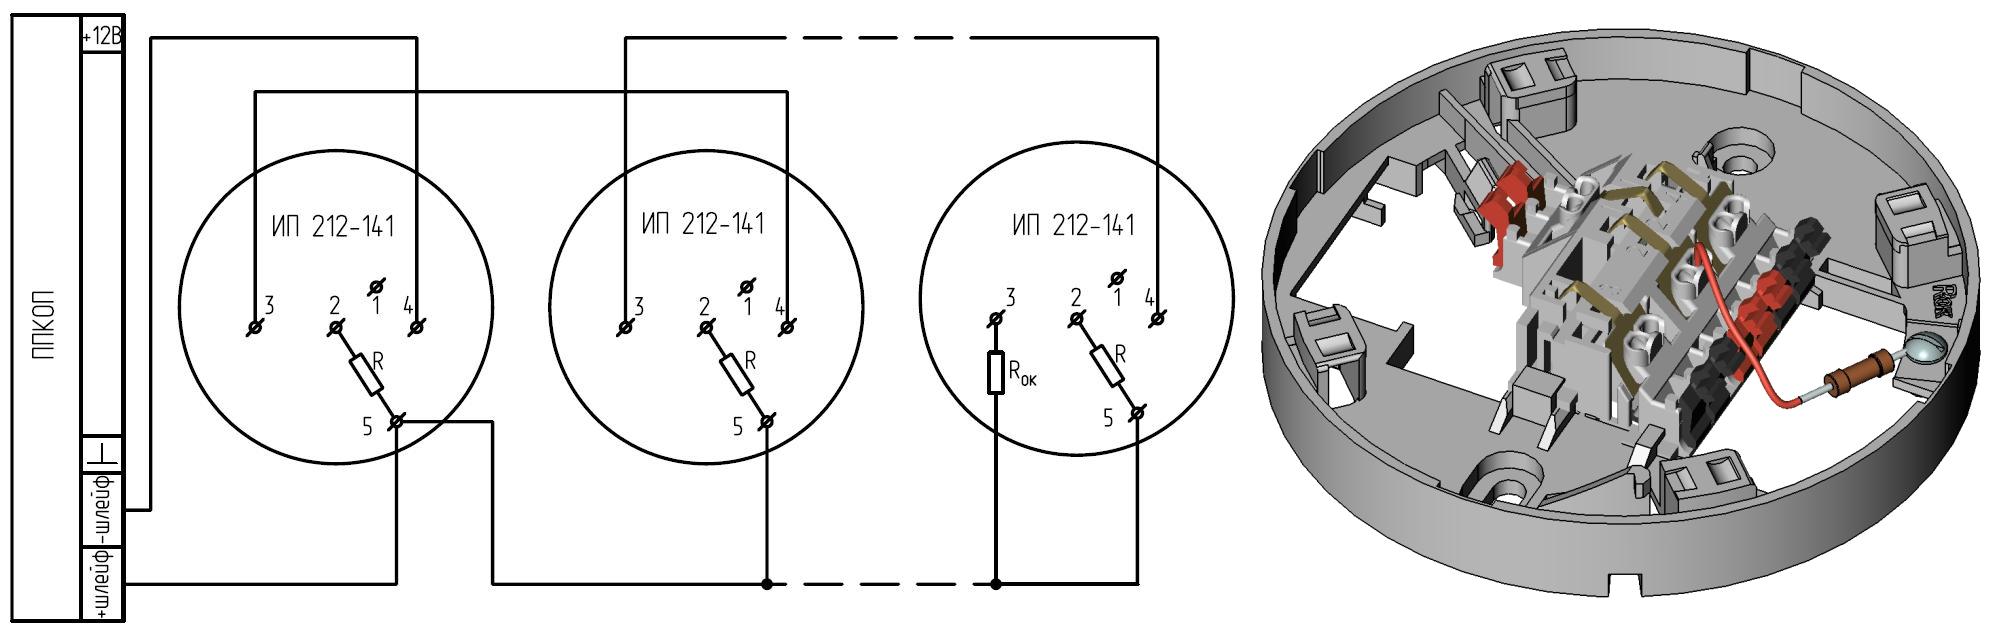 Ип-212-45 схема подключения